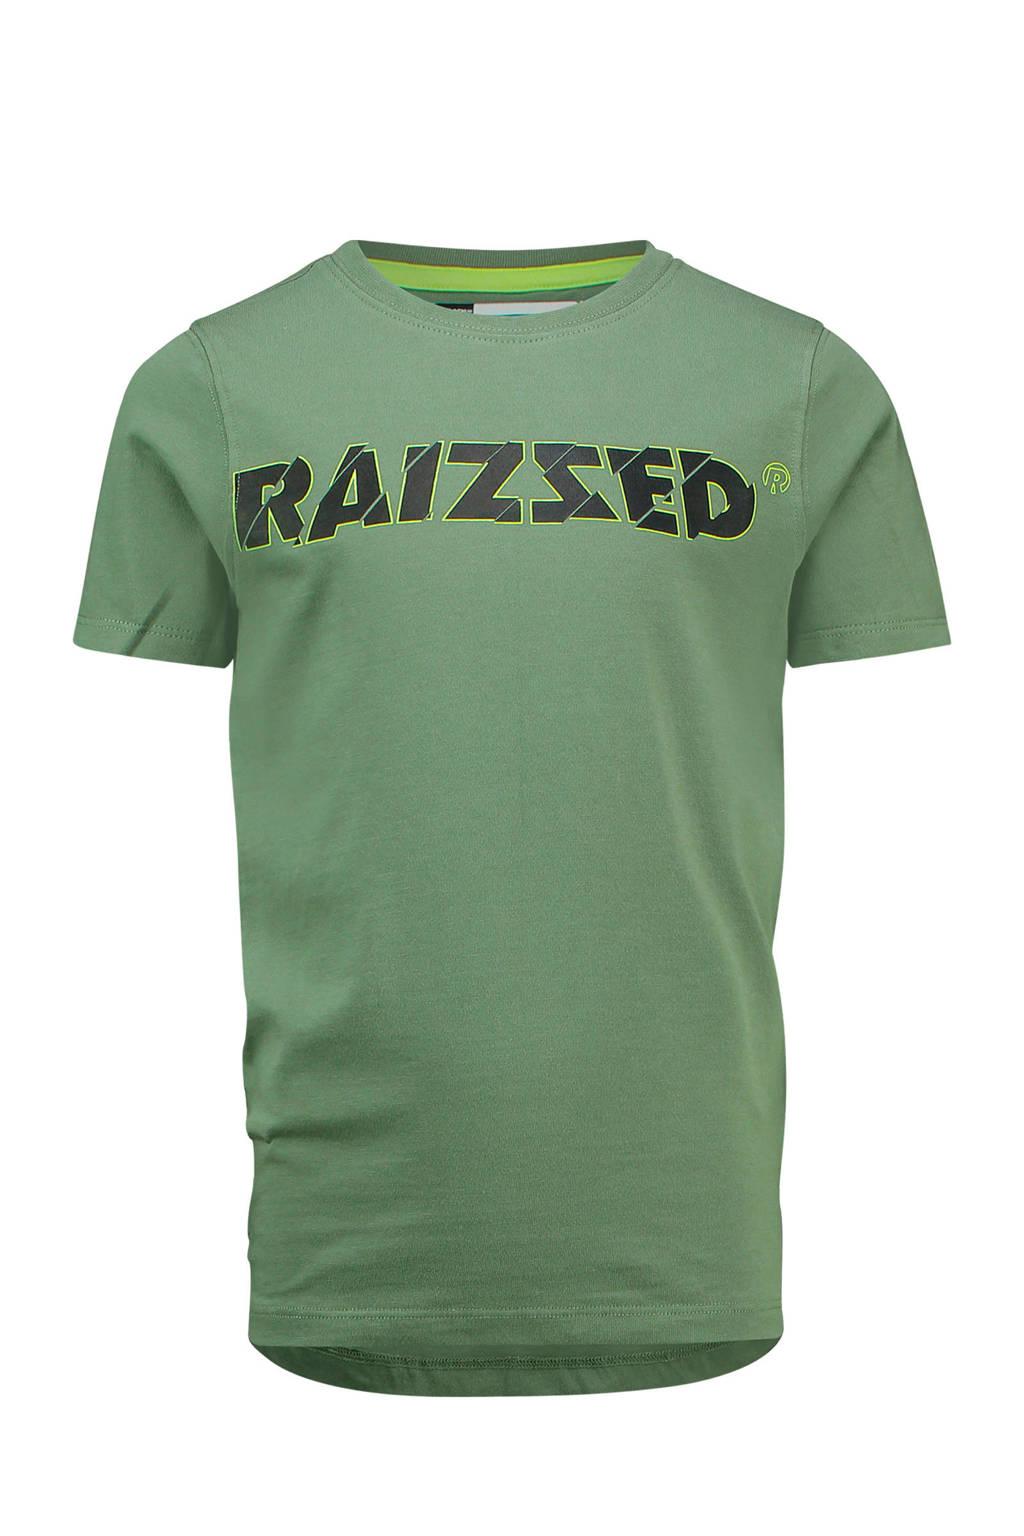 Raizzed T-shirt Helsinki met logo groen, Groen